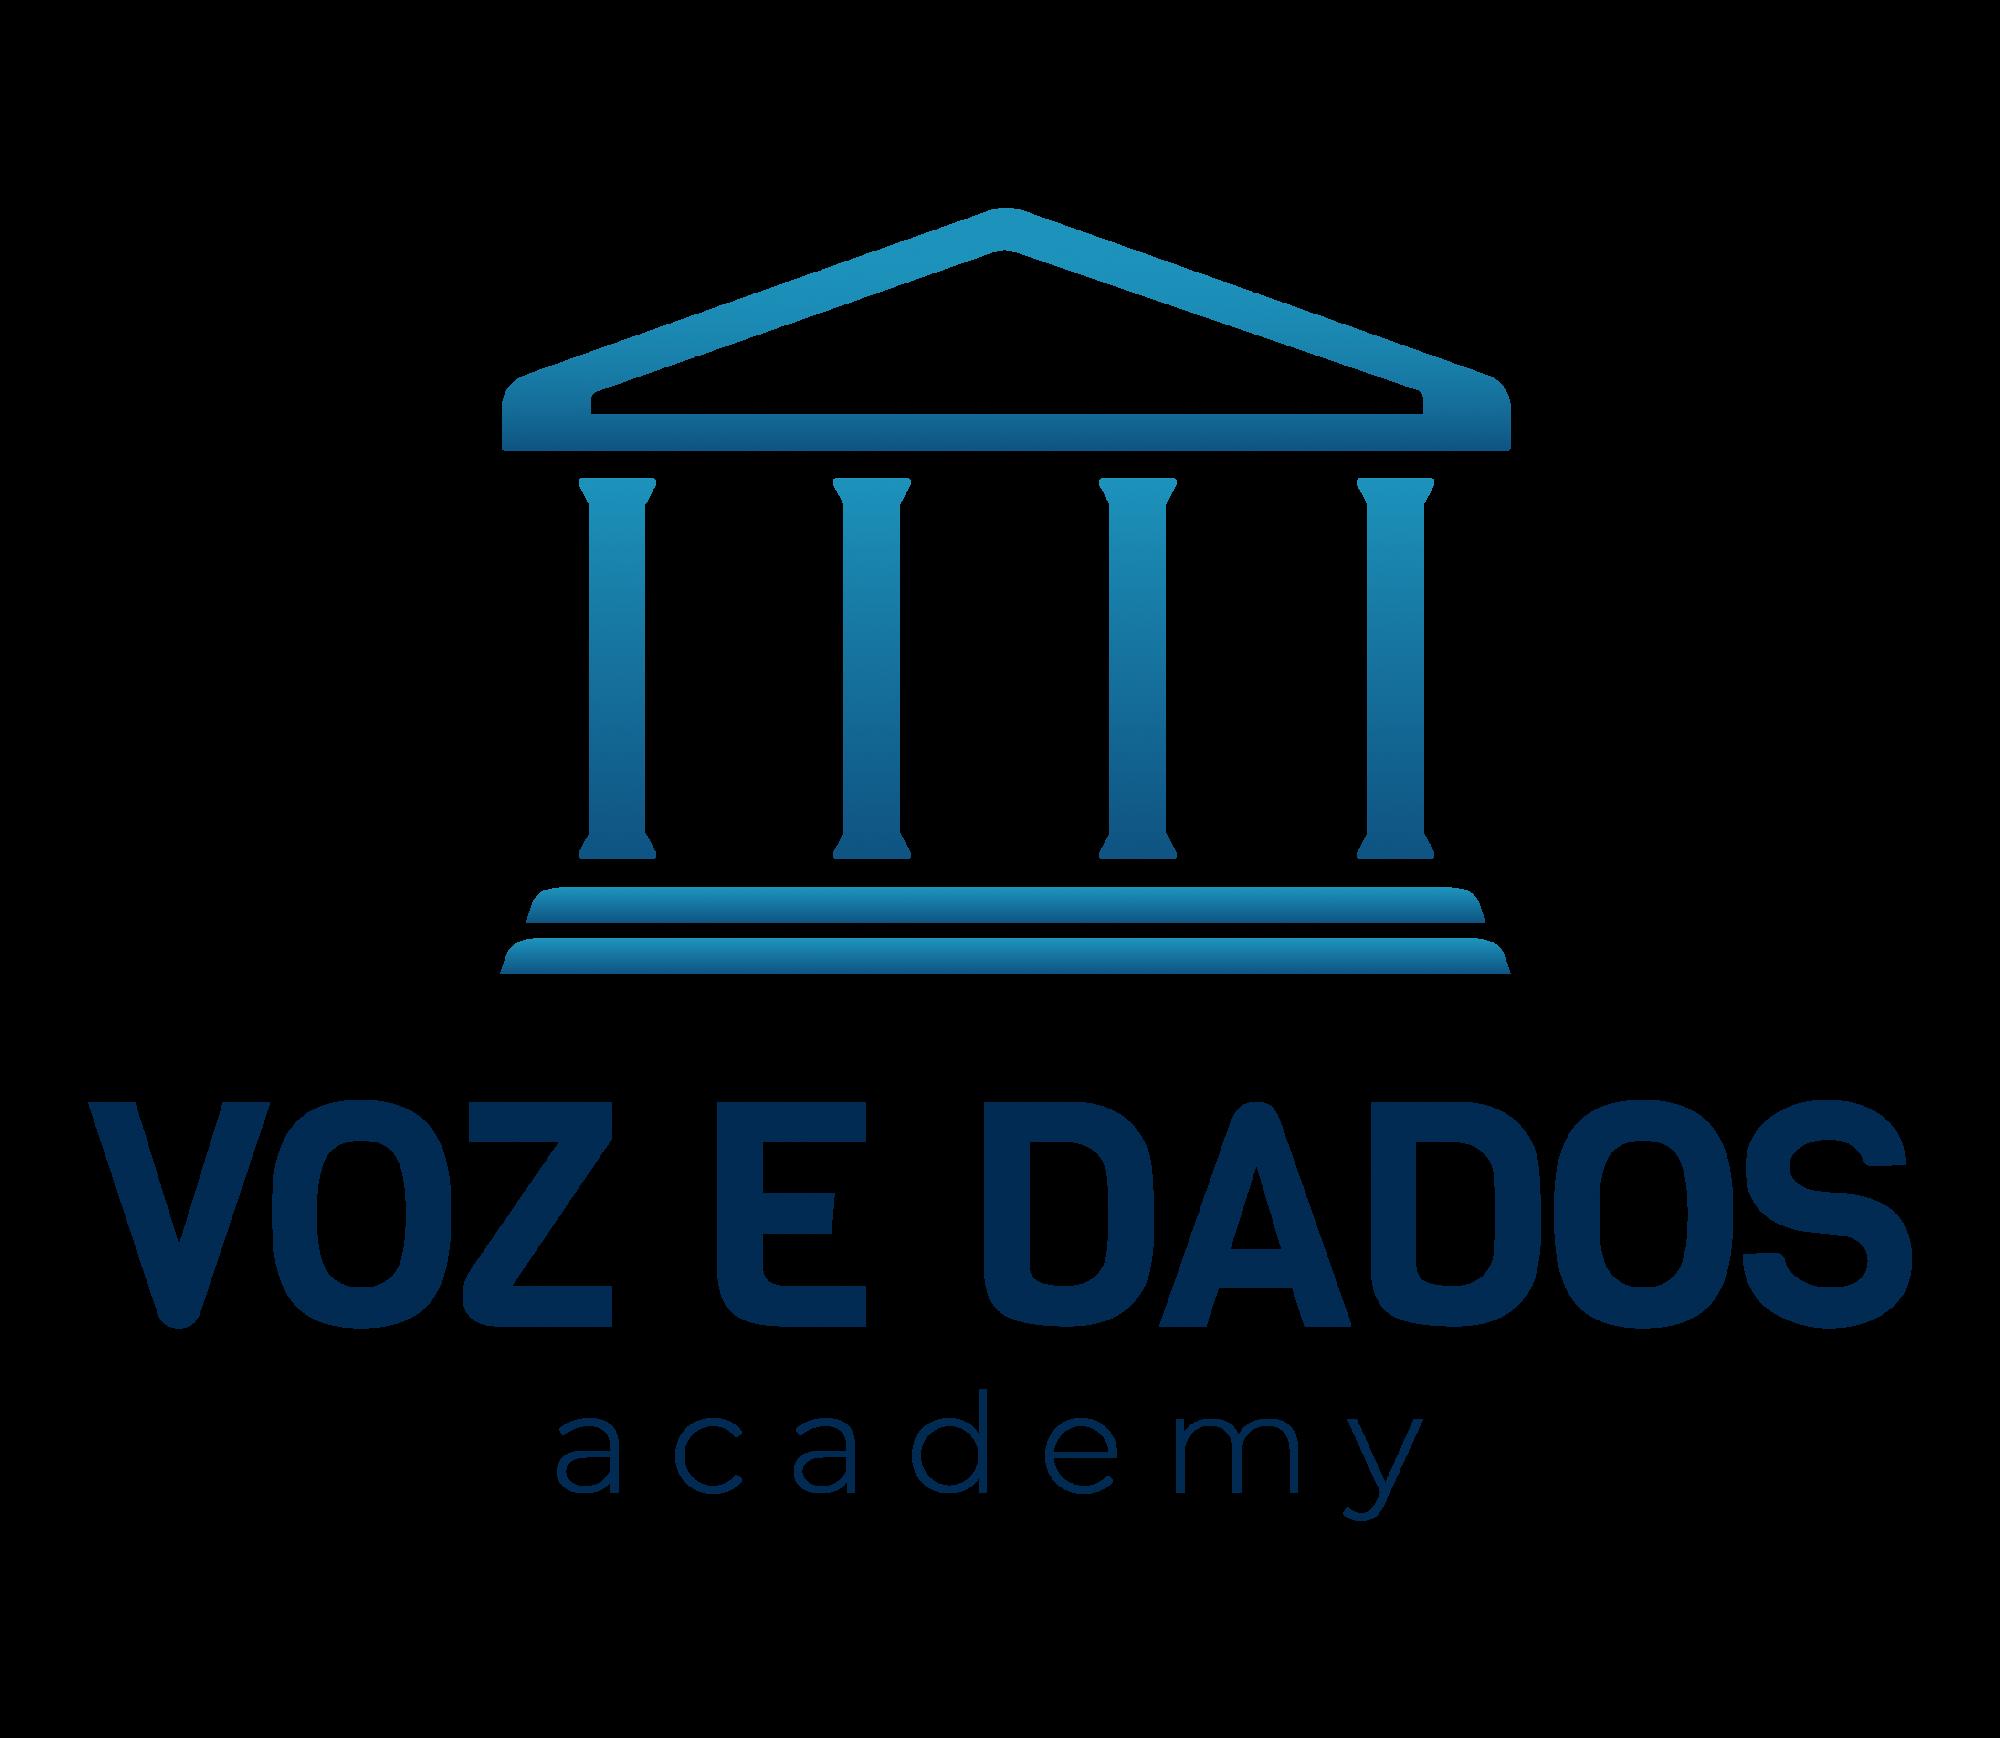 Negociação Rosângela - Philippe Campiol Machado  - Voz e Dados Academy